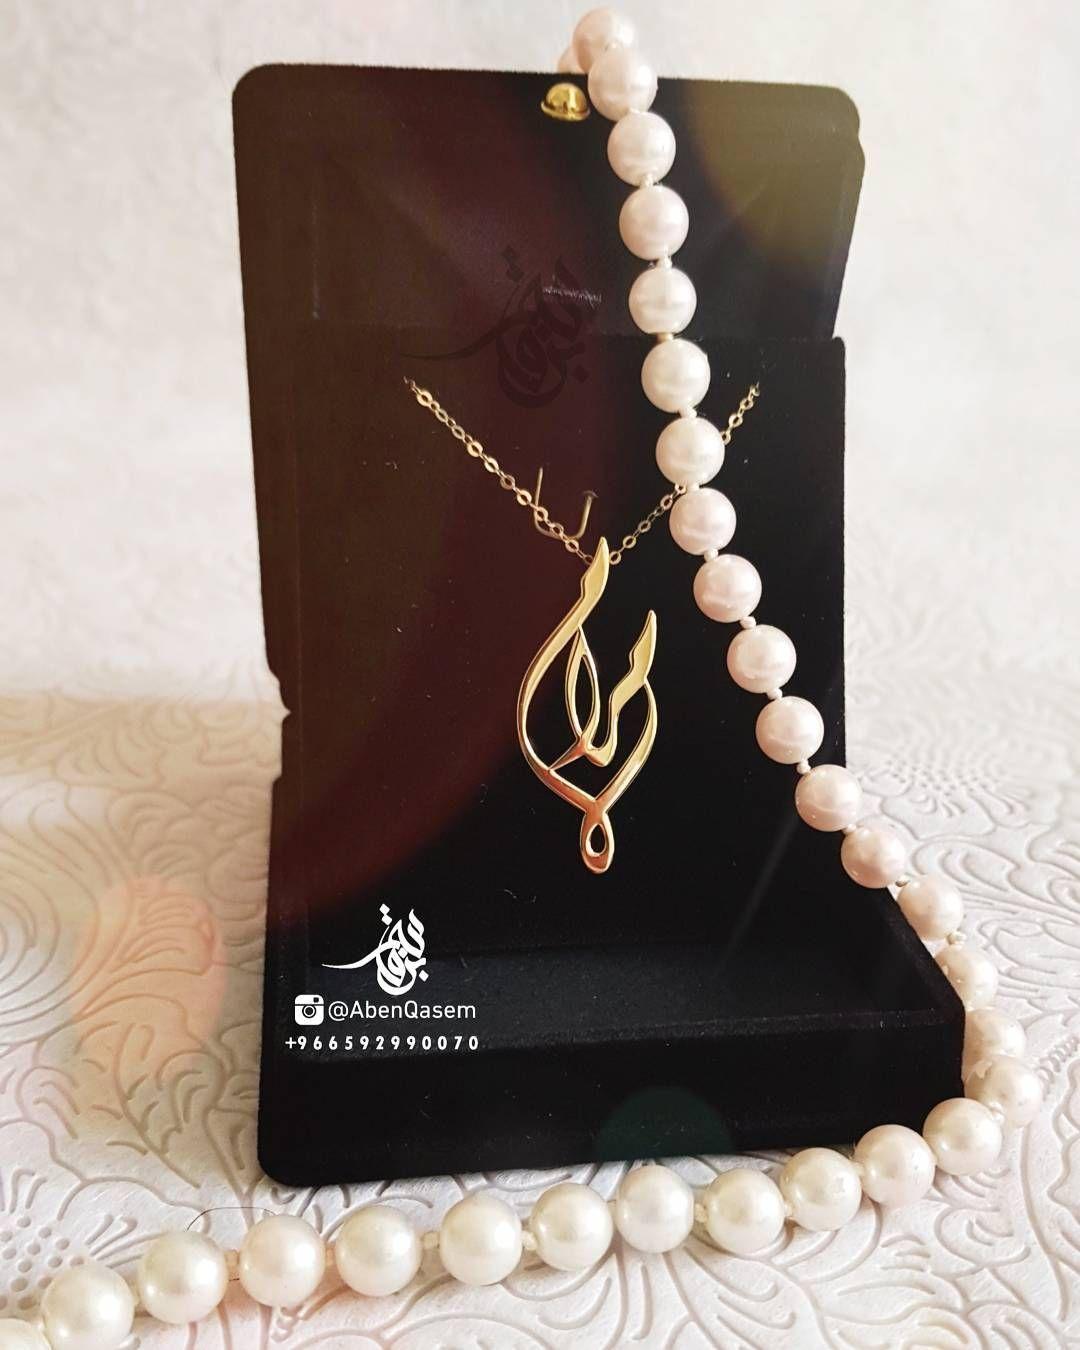 ـ صباح الأمنيات تعليقة ذهب عيار 18 اسم مرام اسمك ذهب للطلب واتساب 00966592990070 Jewelry Ring Necklace Necklace